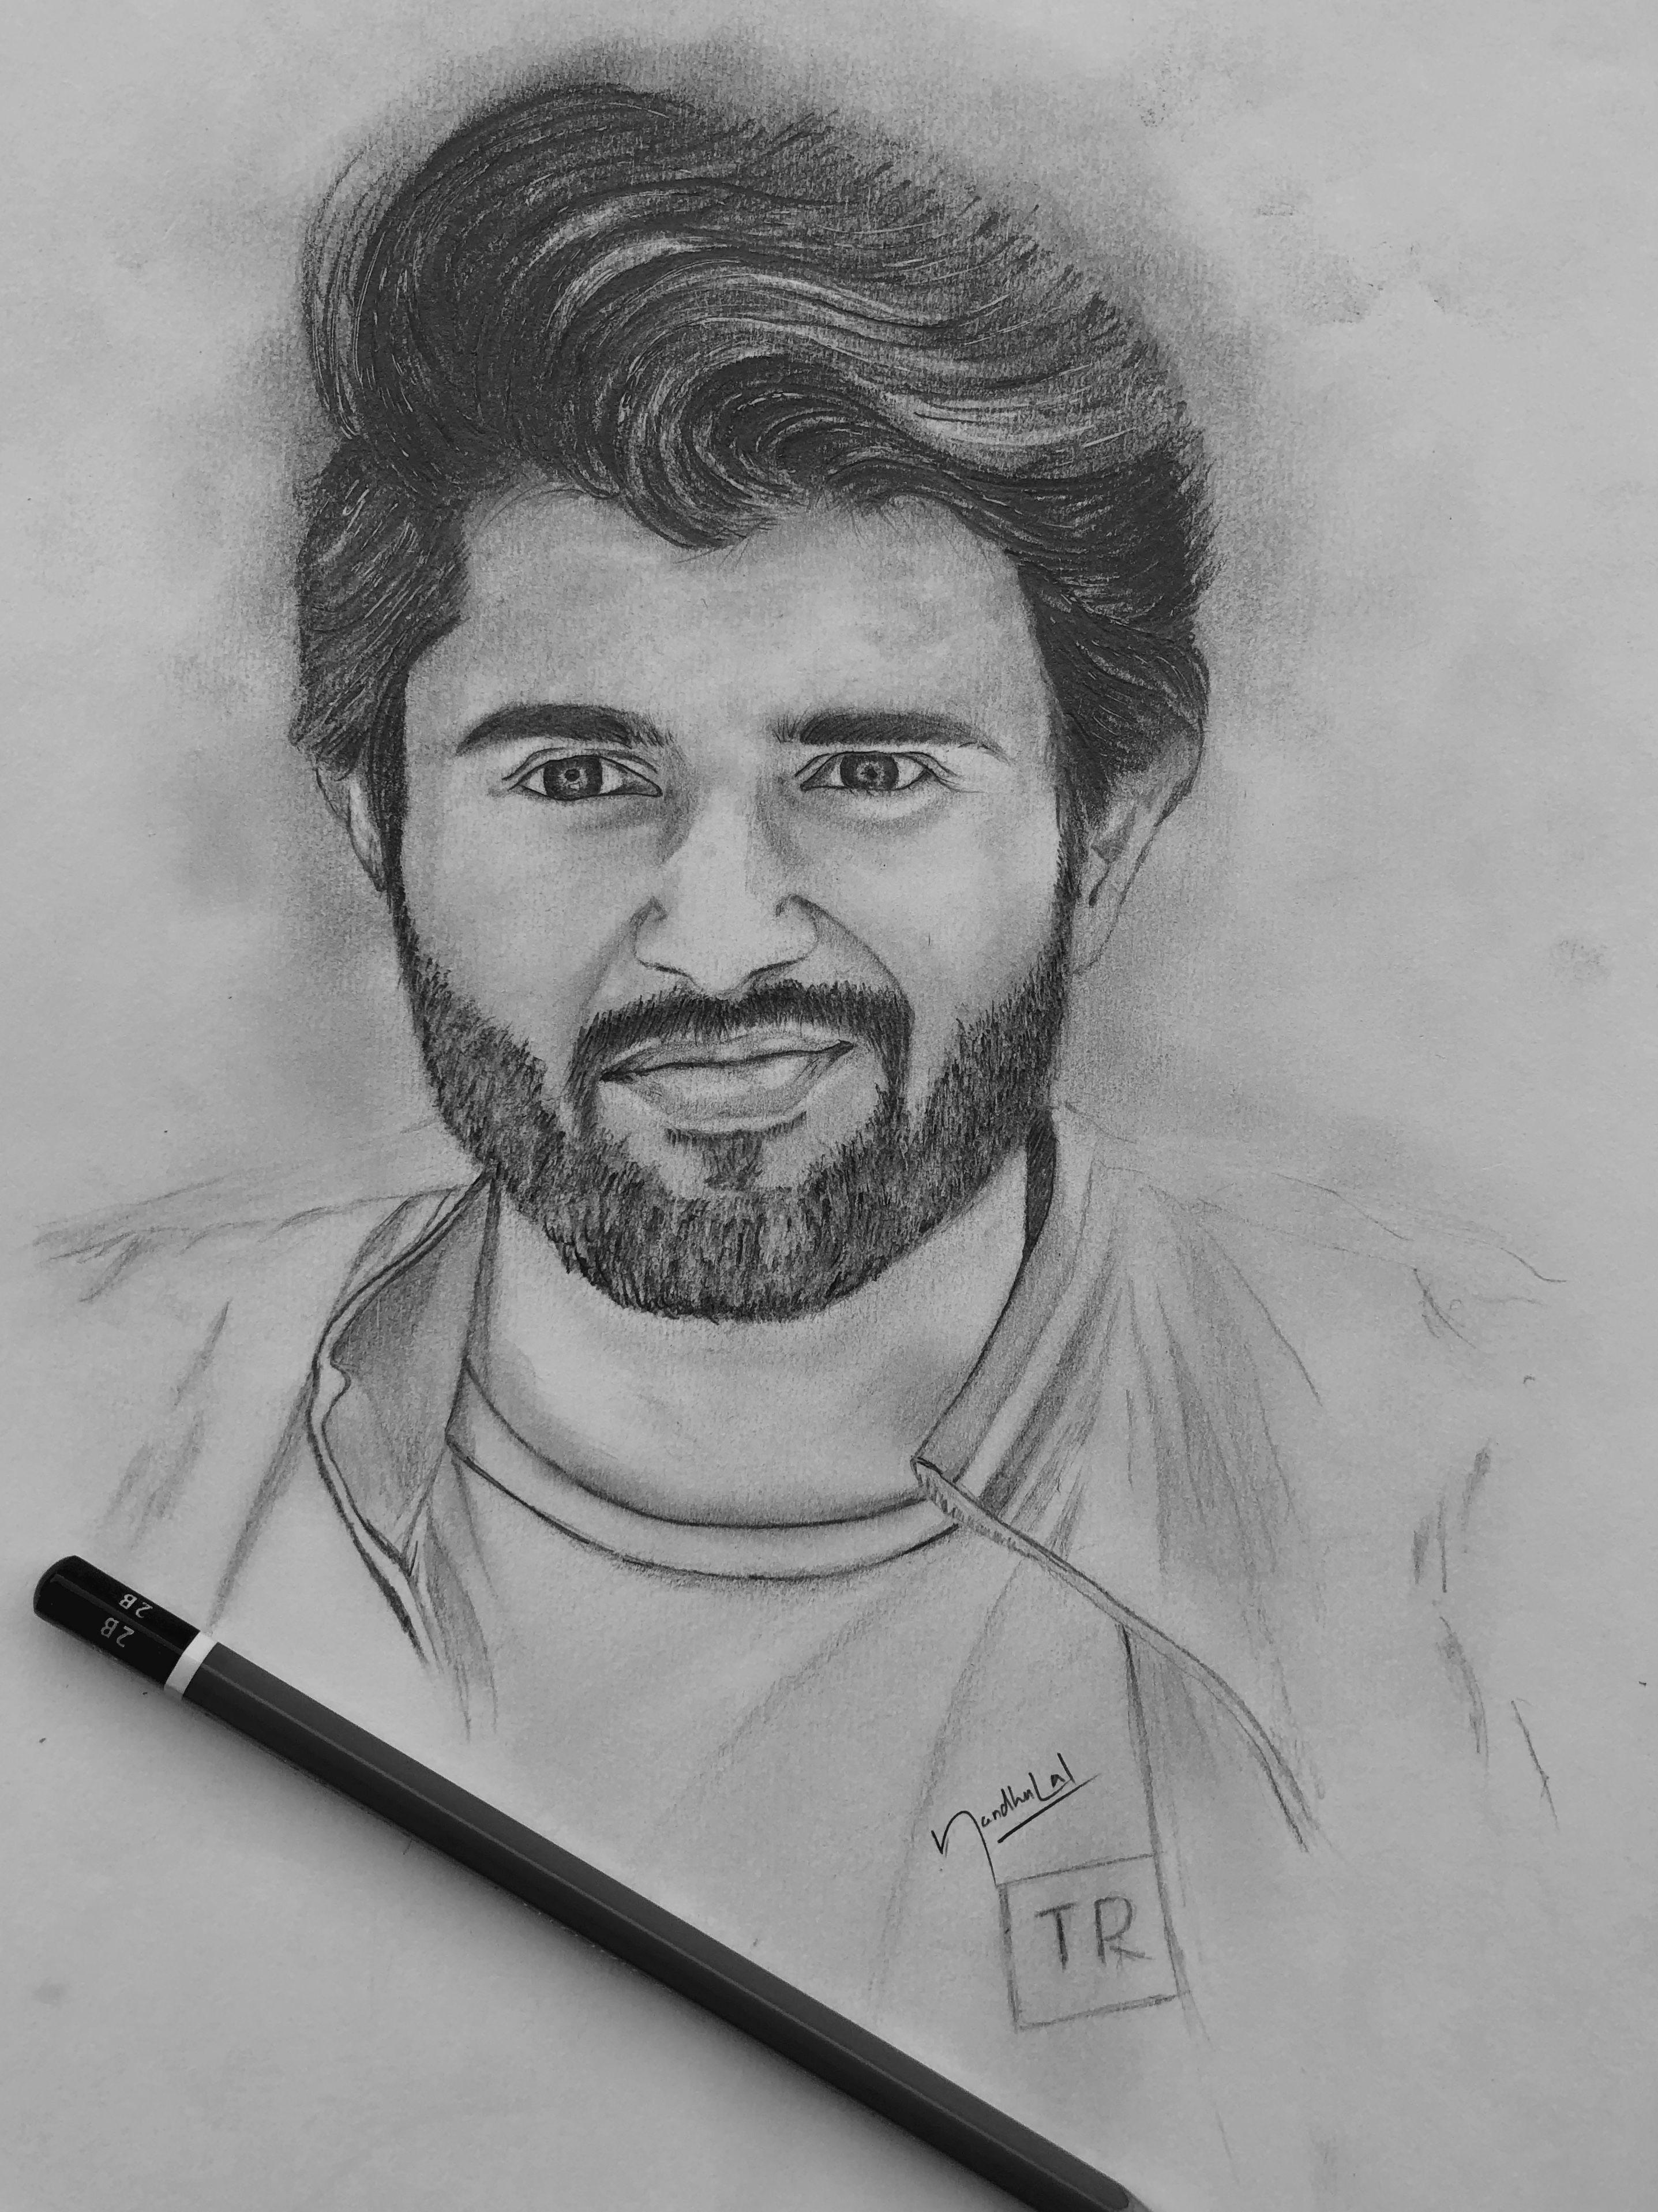 Vijay Devarakonda Pencildrawing Art Telugu Actor Southindian Hero Vd Fans Vijaydevar Abstract Pencil Drawings Celebrity Drawings Pencil Sketch Portrait